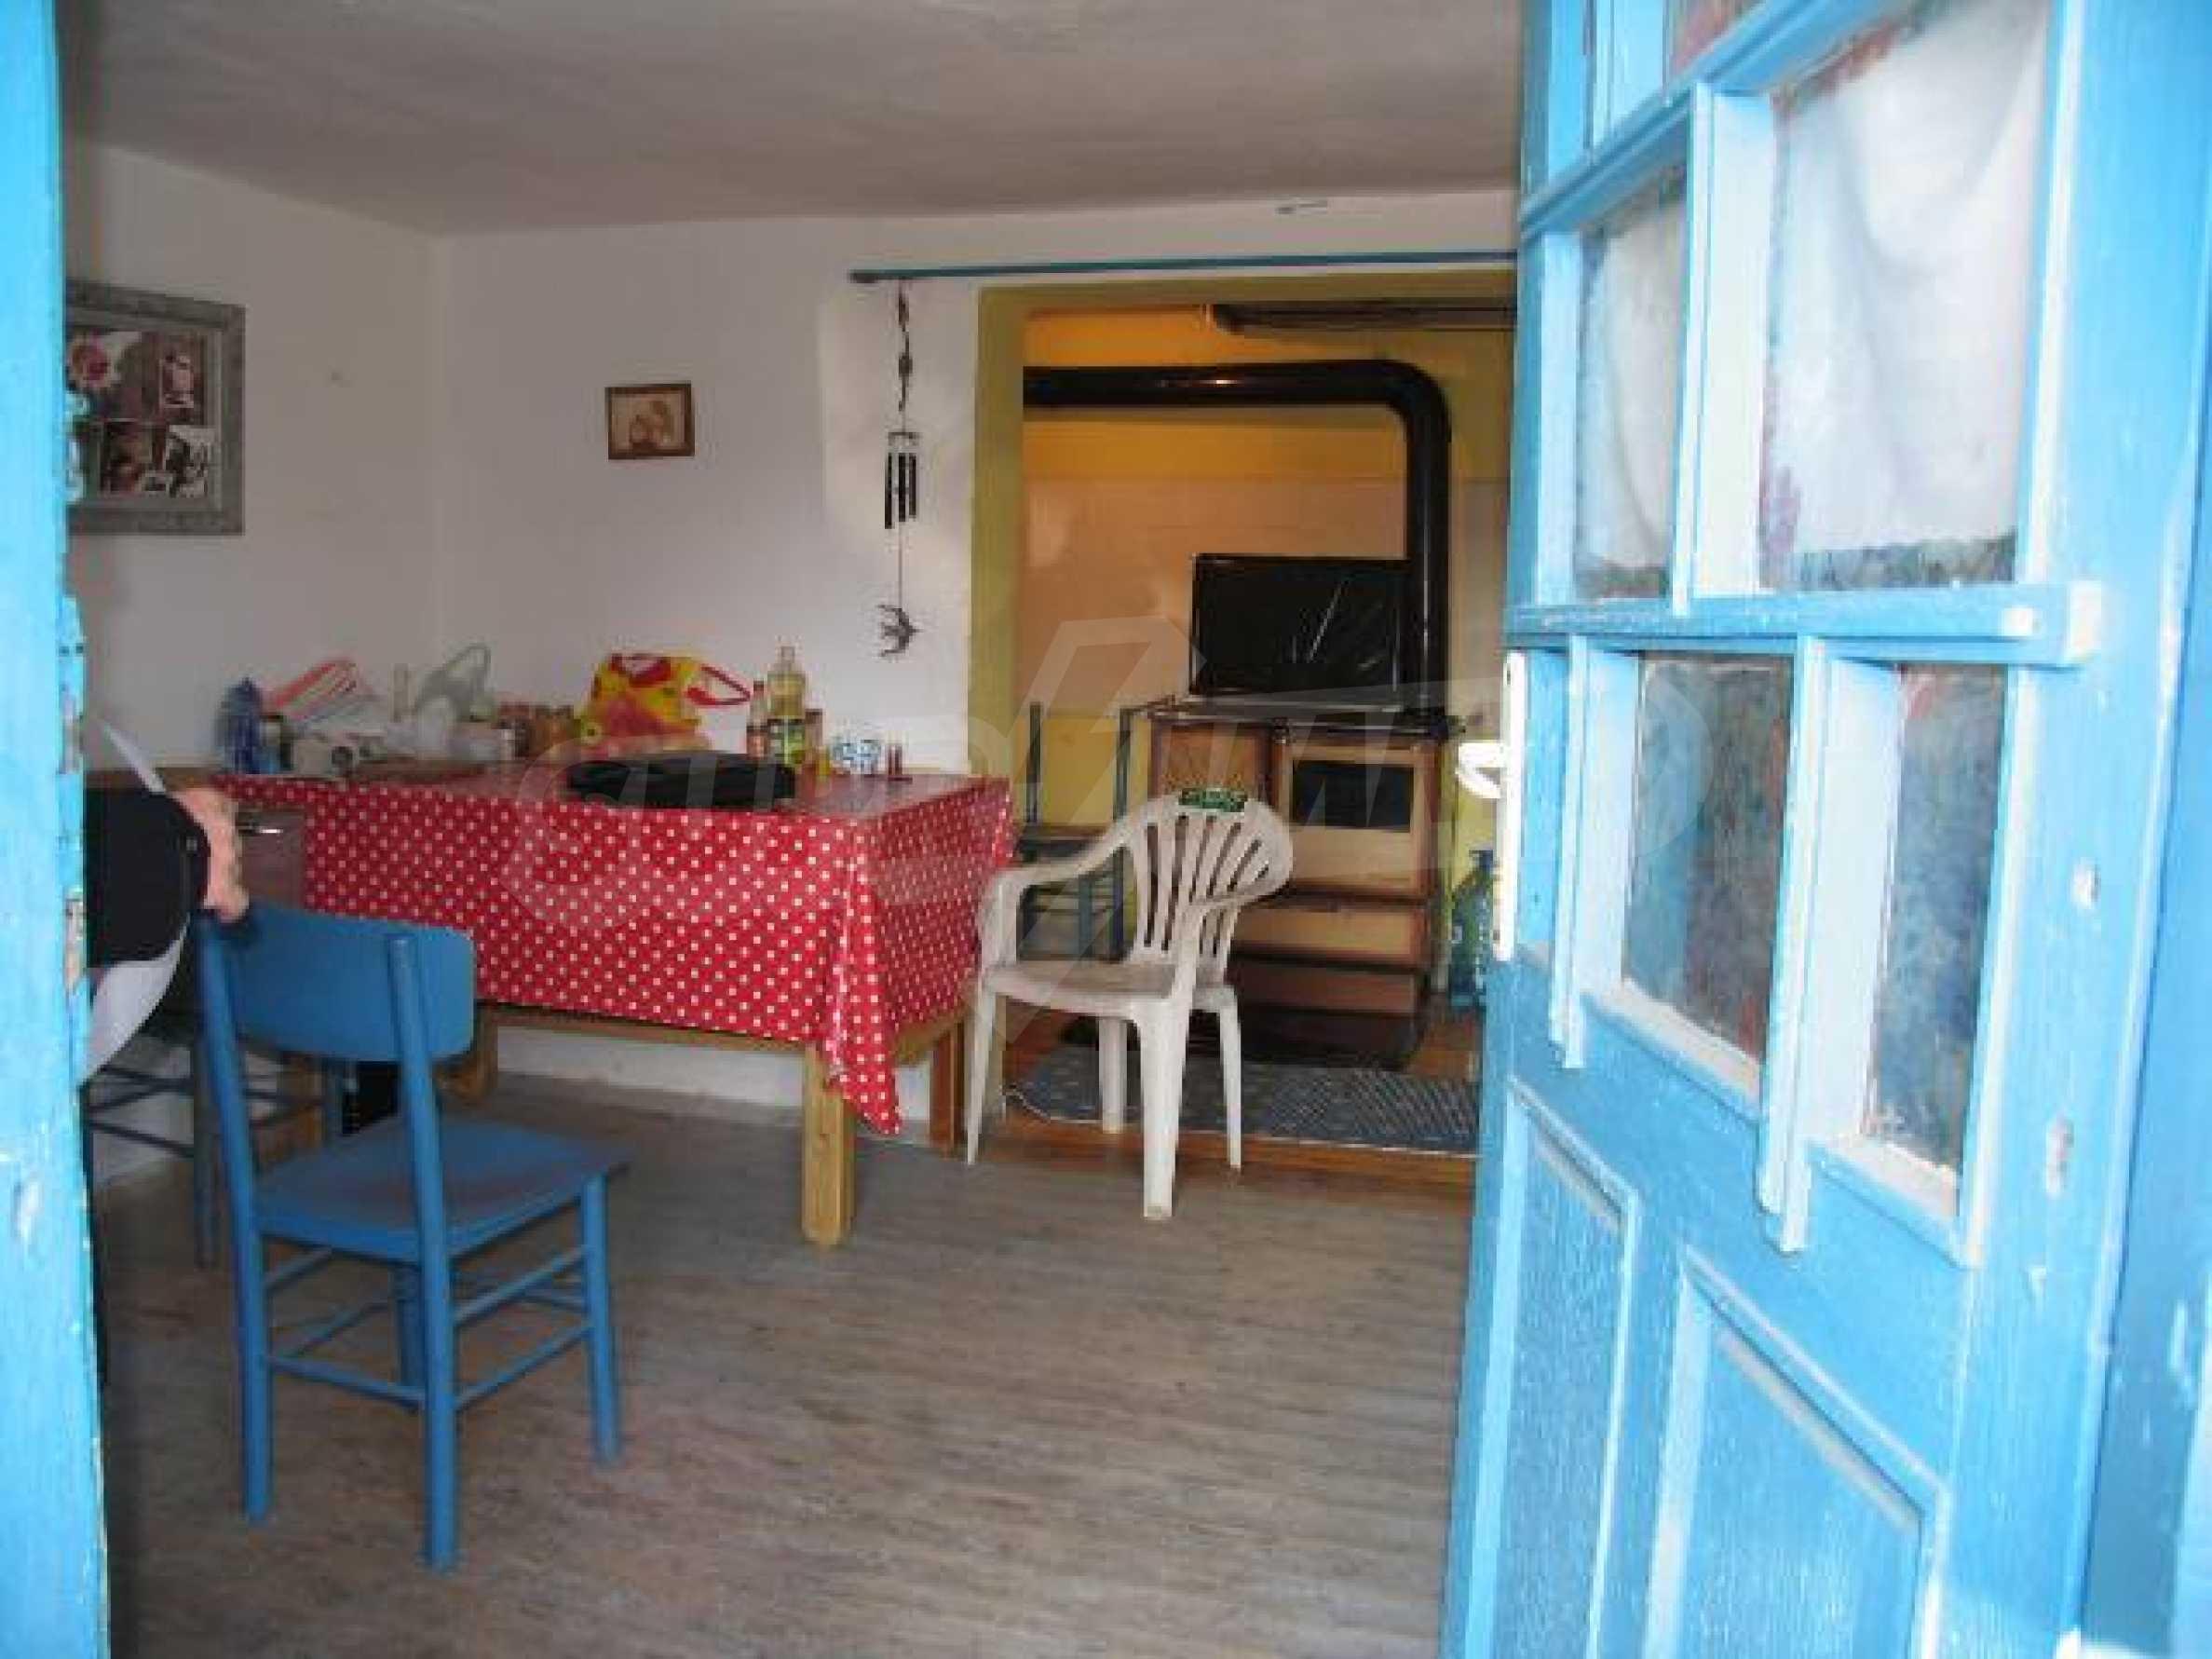 Дом для продажи в курорте Бяла - всего в нескольких минутах от моря 4